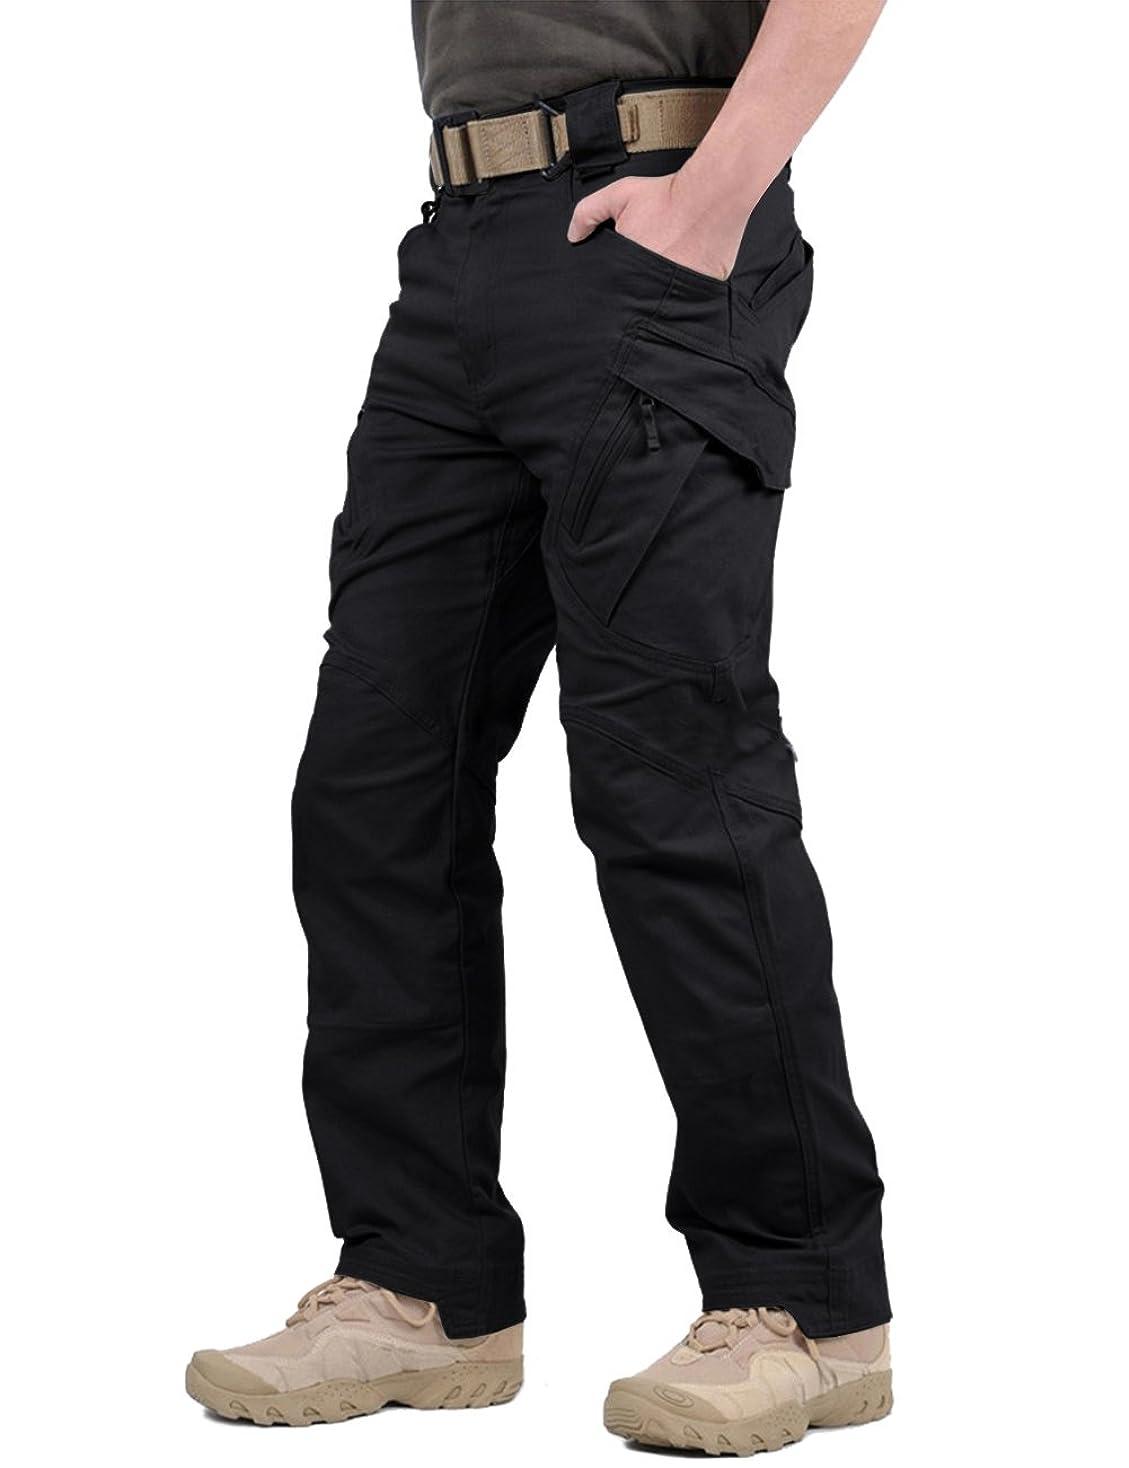 暖かく顕著深遠TACVASEN メンズ アウトドア タクティカル ロングパンツ カジュアル ズボン コットン カーゴパンツ ストレッチ 多機能